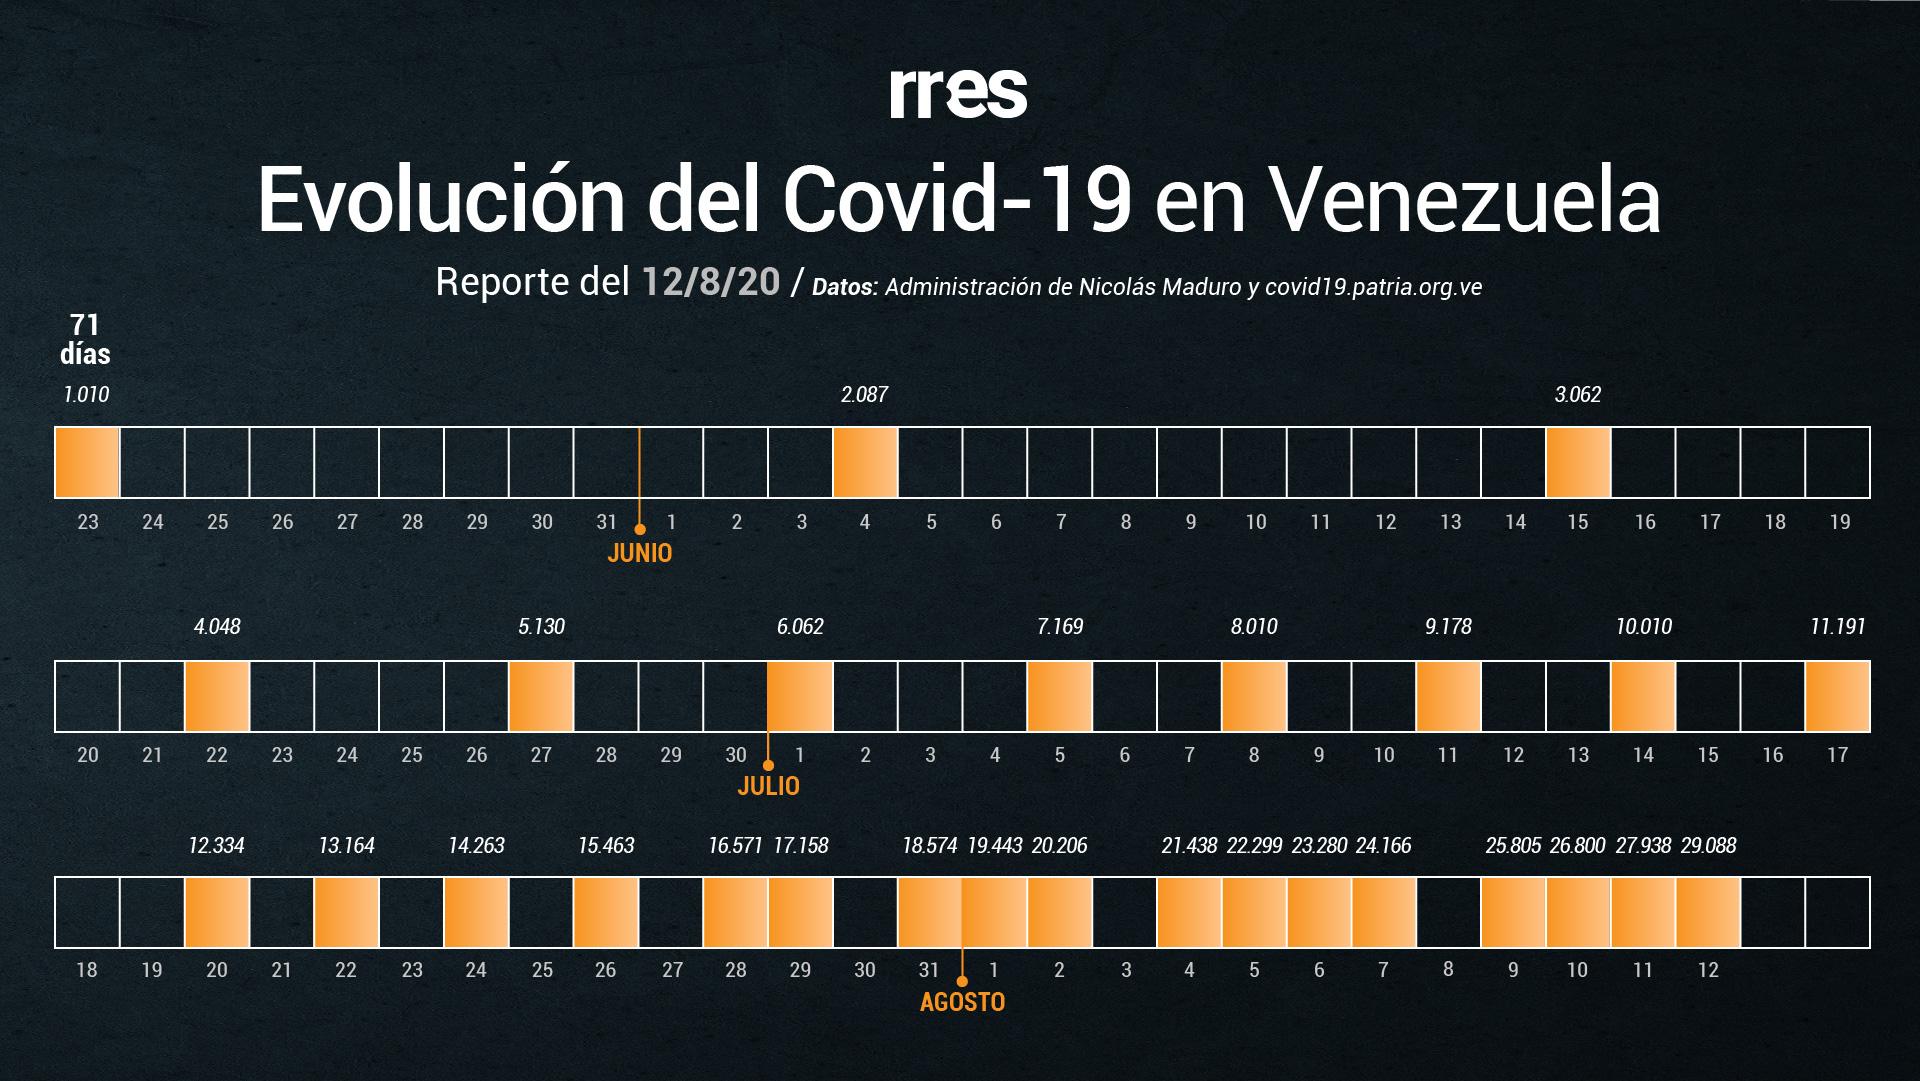 Gobierno reporta 1.150 casos y 9 muertes por COVID-19 este #12Ago